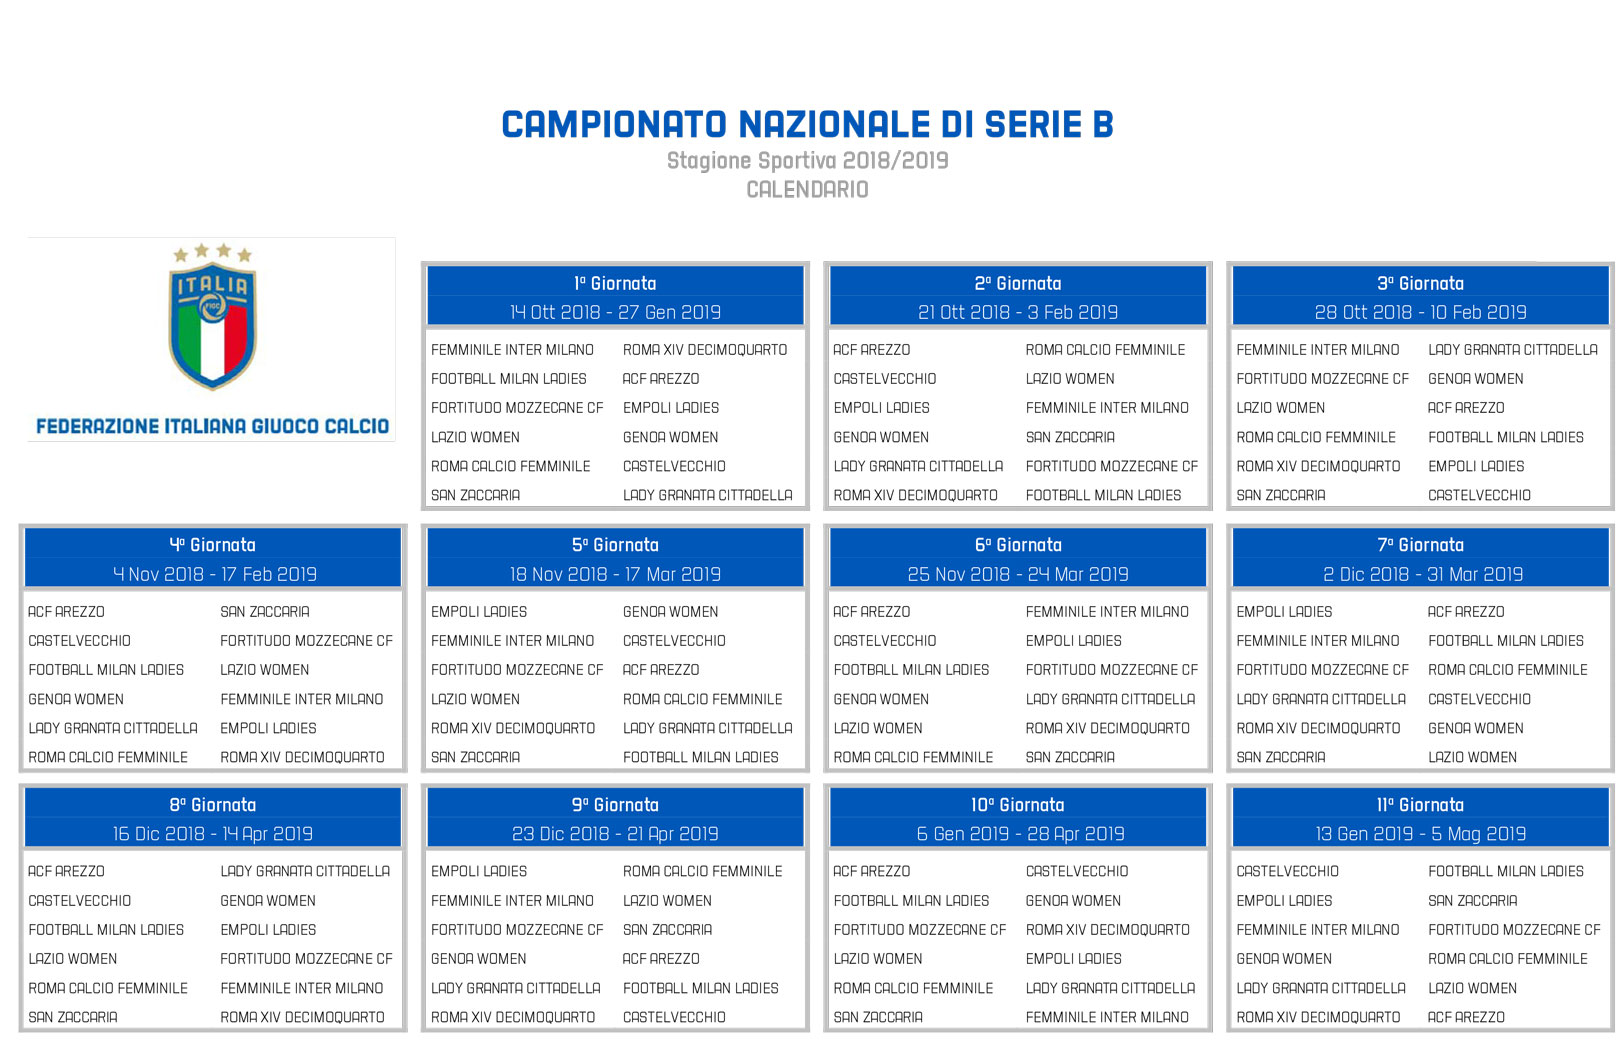 Calendario Campionato Portoghese.Ufficializzato Il Calendario Della Serie B Femminile Il Via